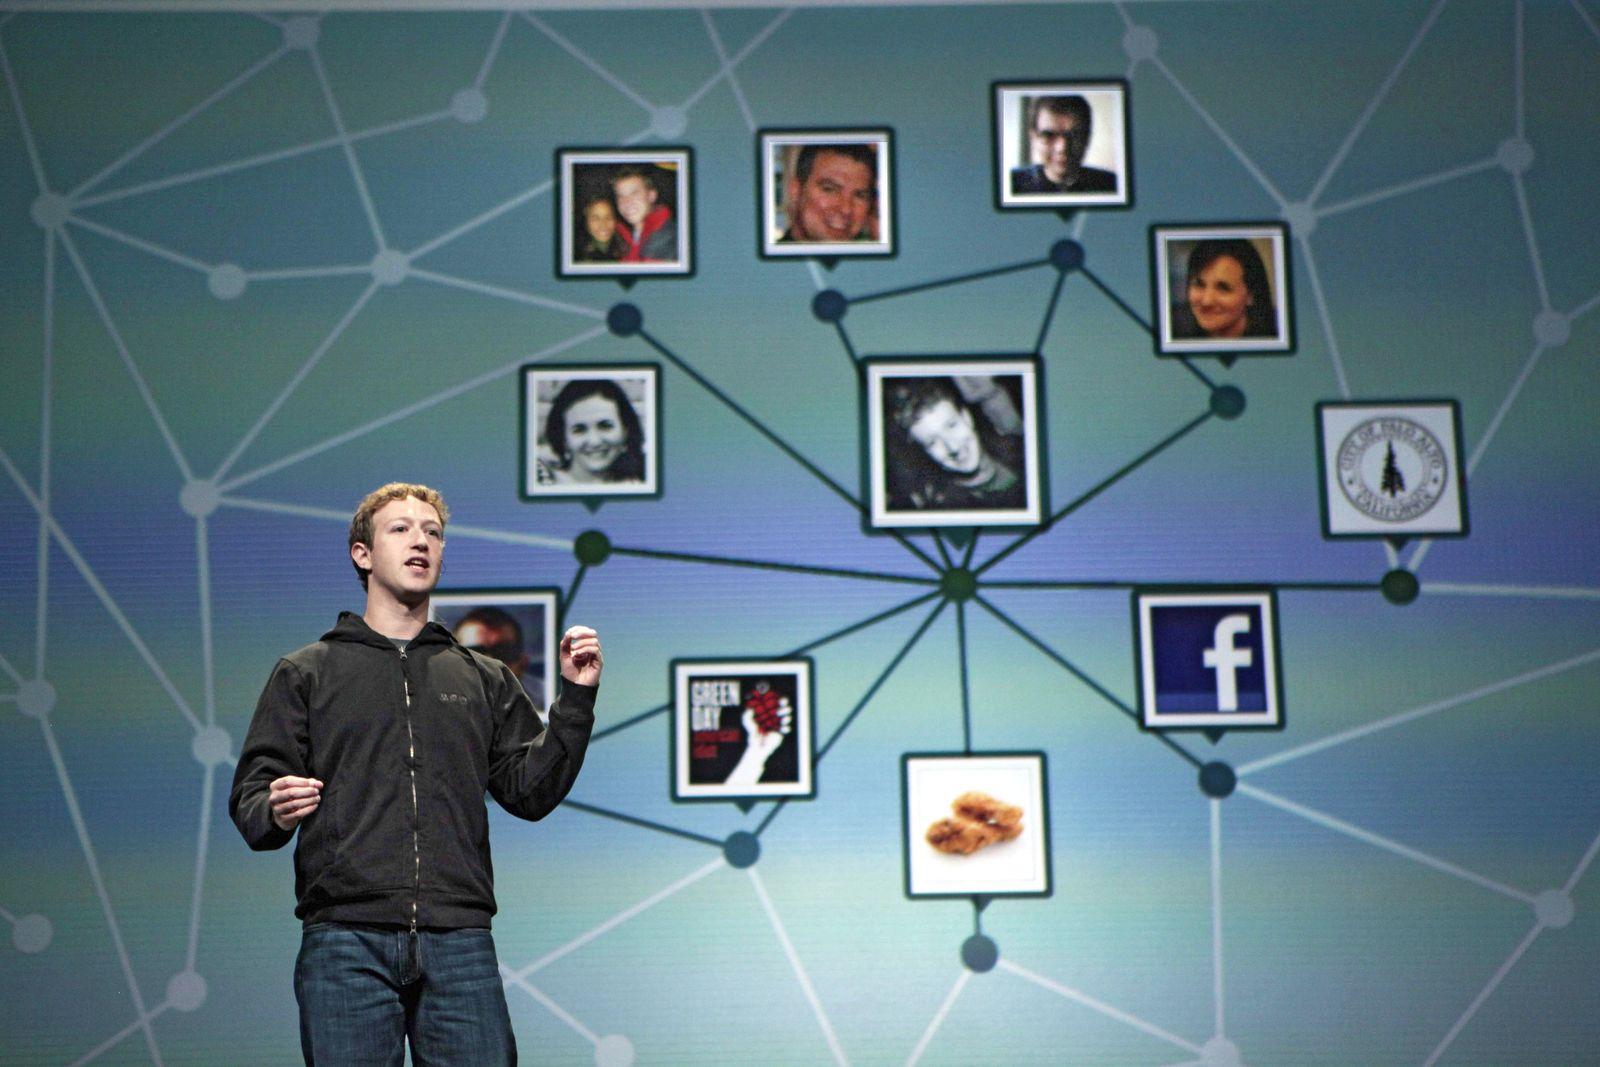 Facebook /Mark Zuckerberg